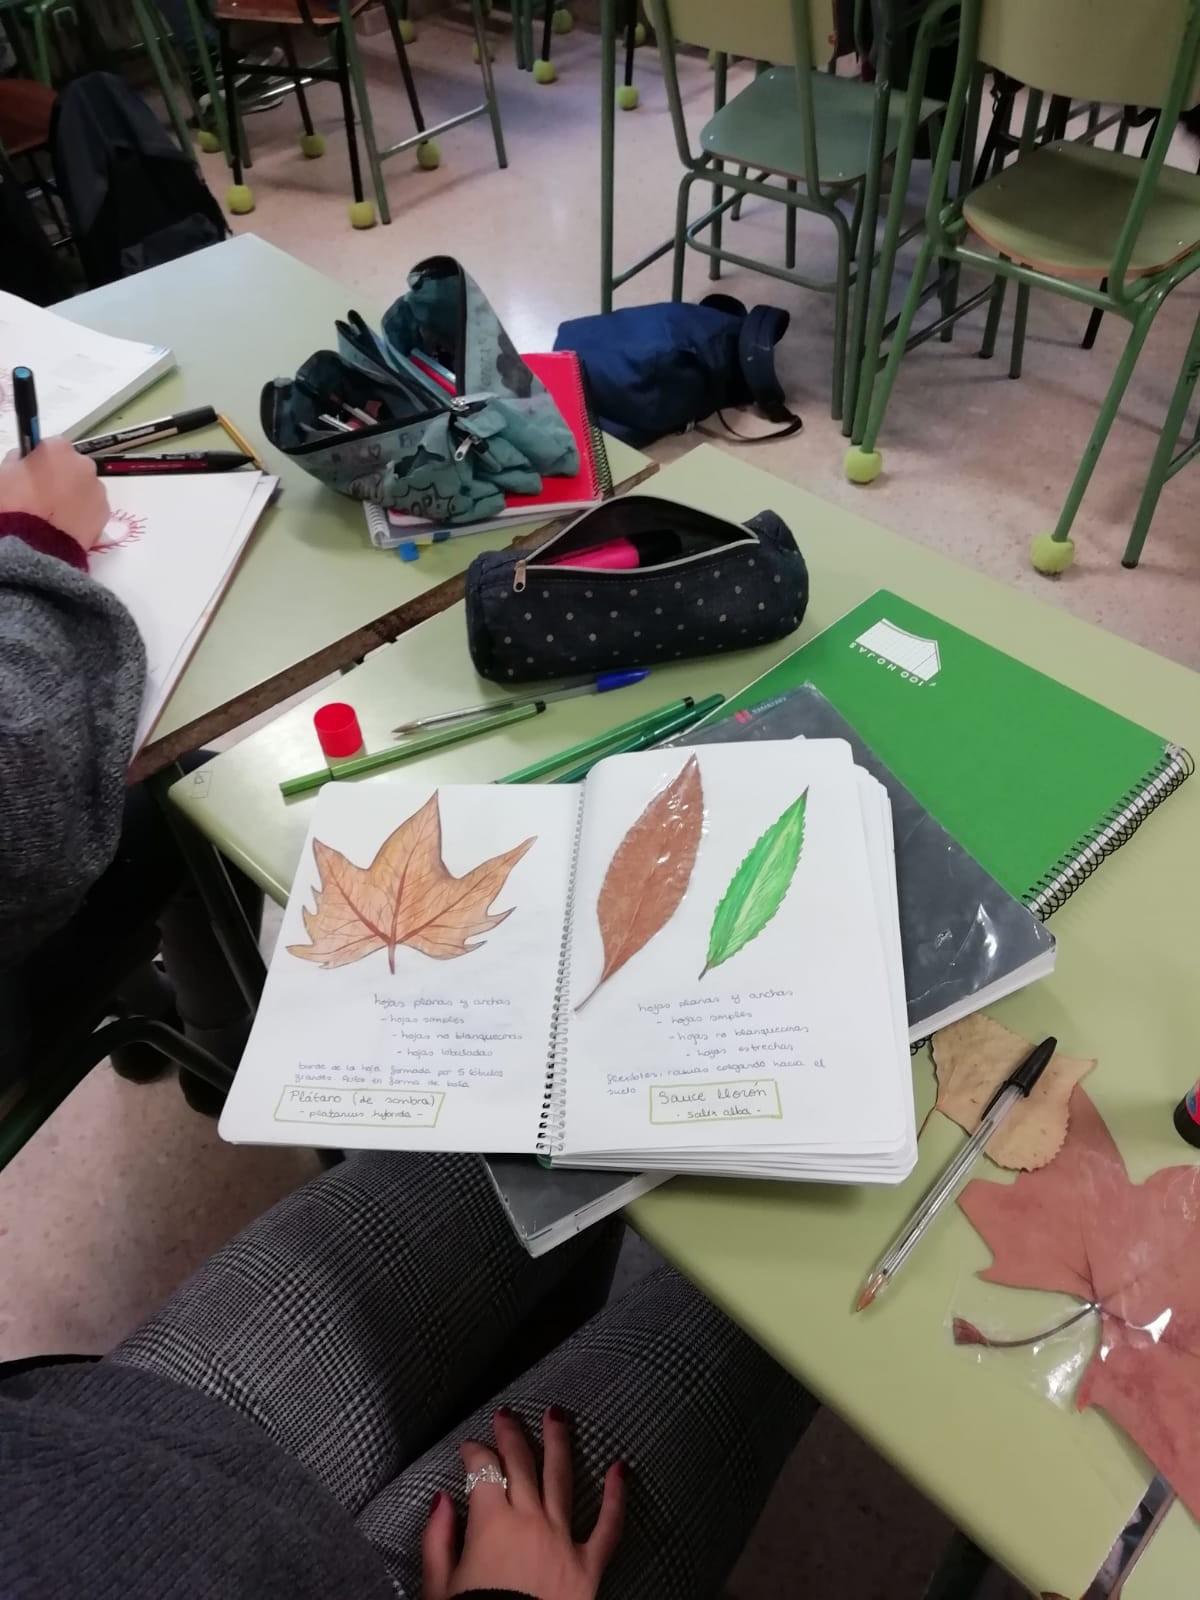 Calendario Escolar Bilbao 2019 Más Recientes Biologa 1º Bach 18 19 Of Calendario Escolar Bilbao 2019 Más Actual El Mundo 23 03 2018